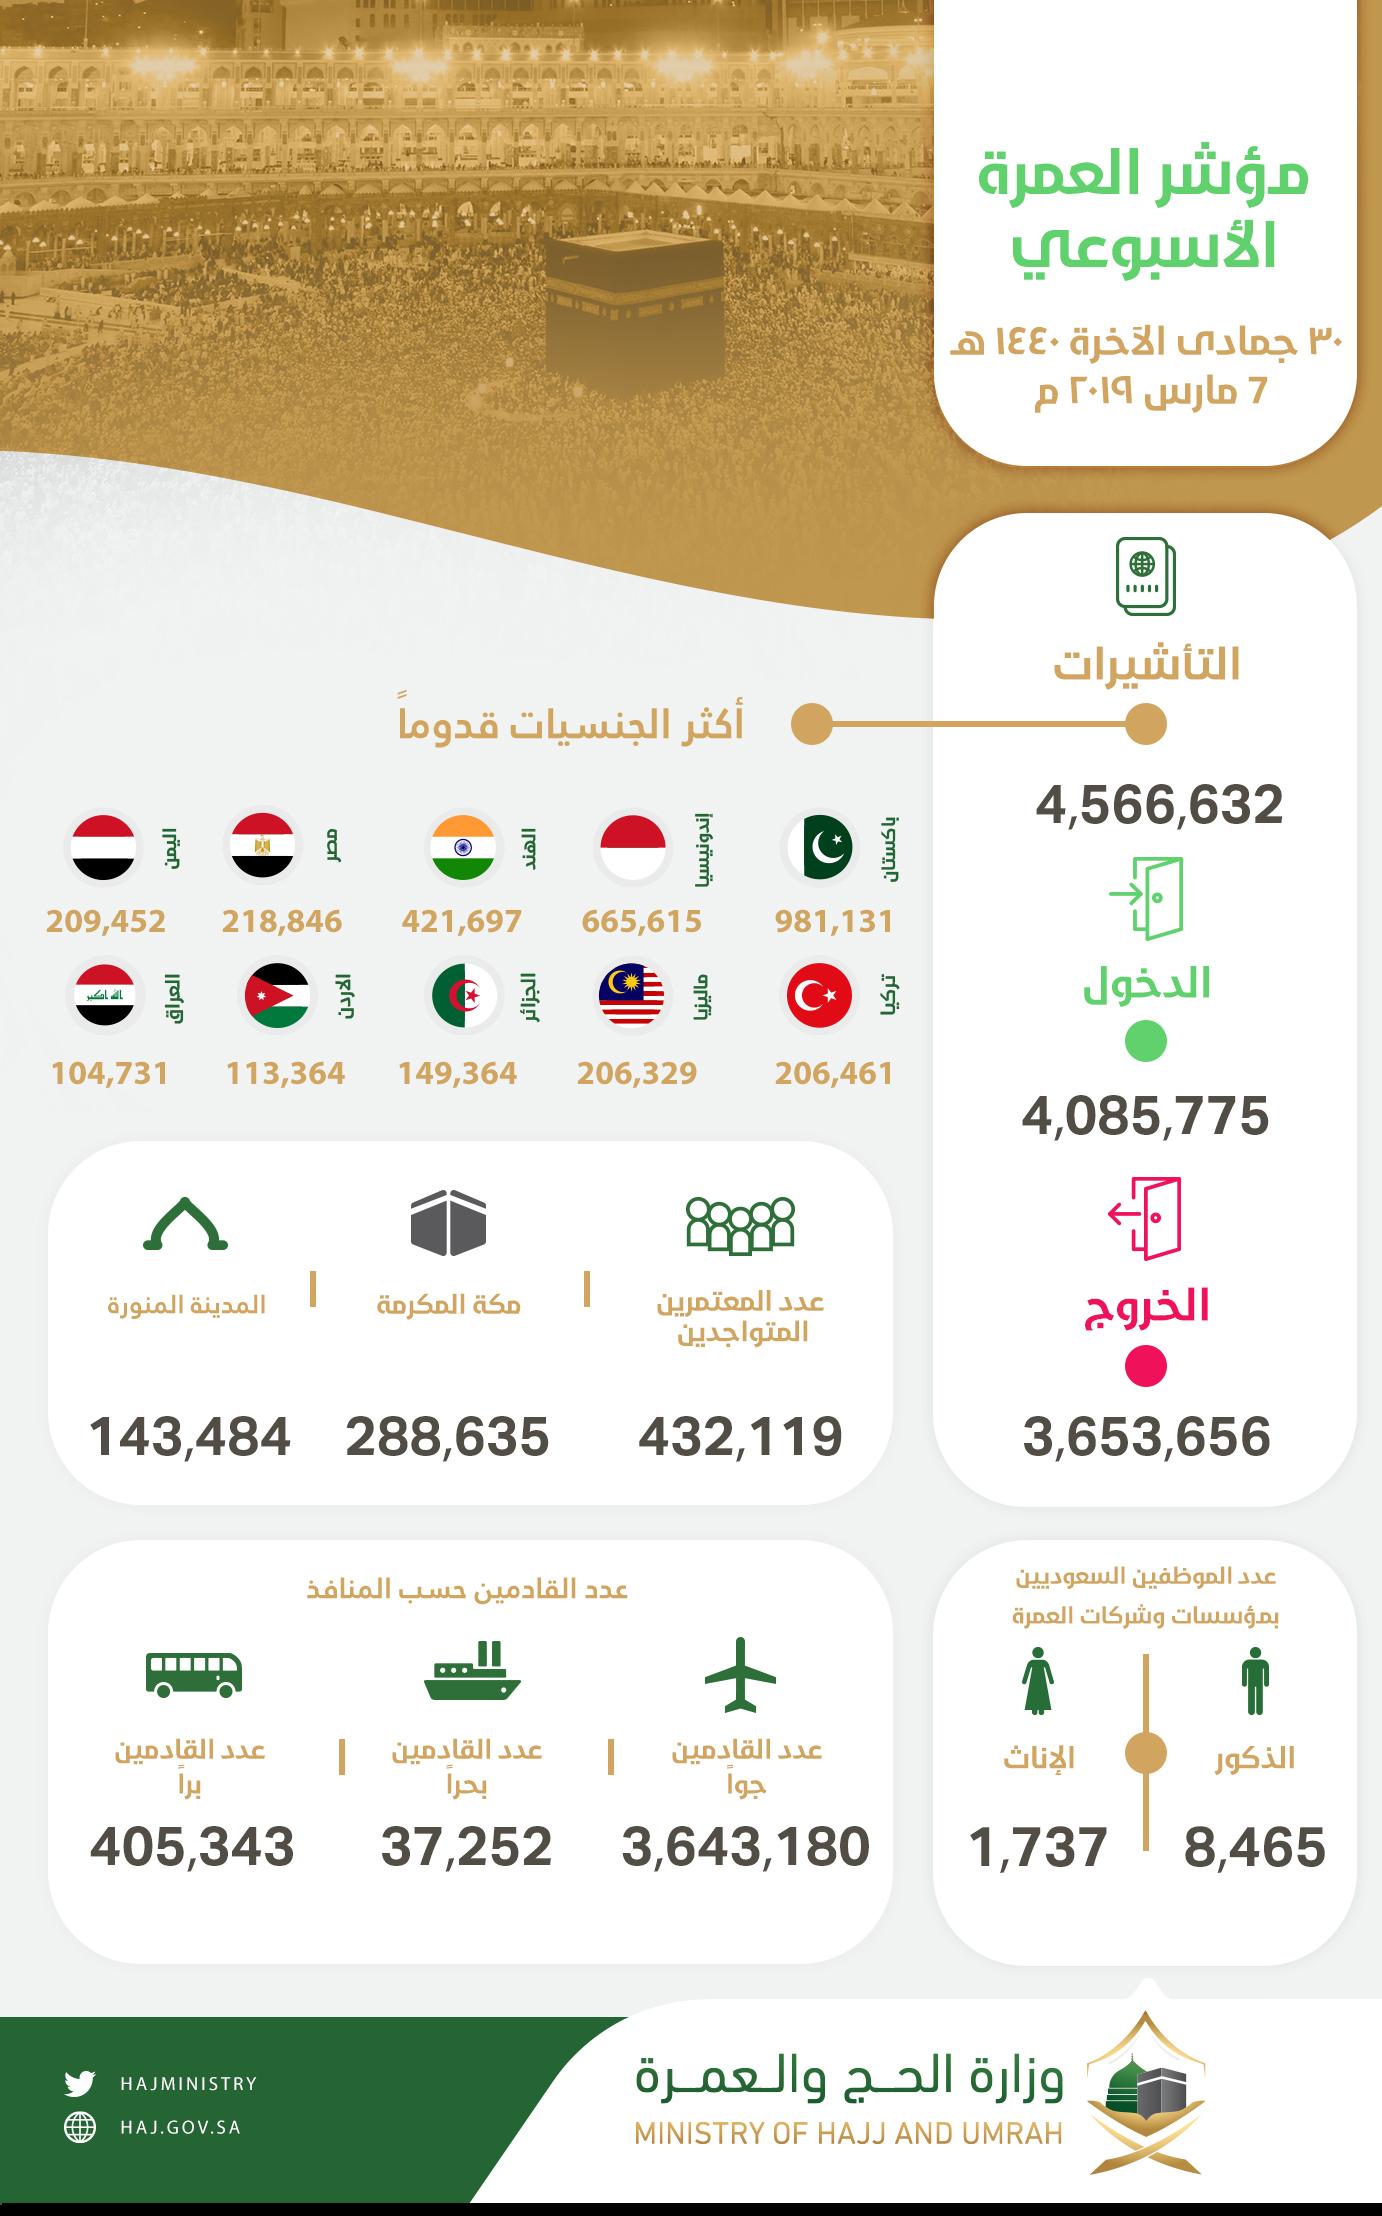 مؤشر العمرة -عربي (1)